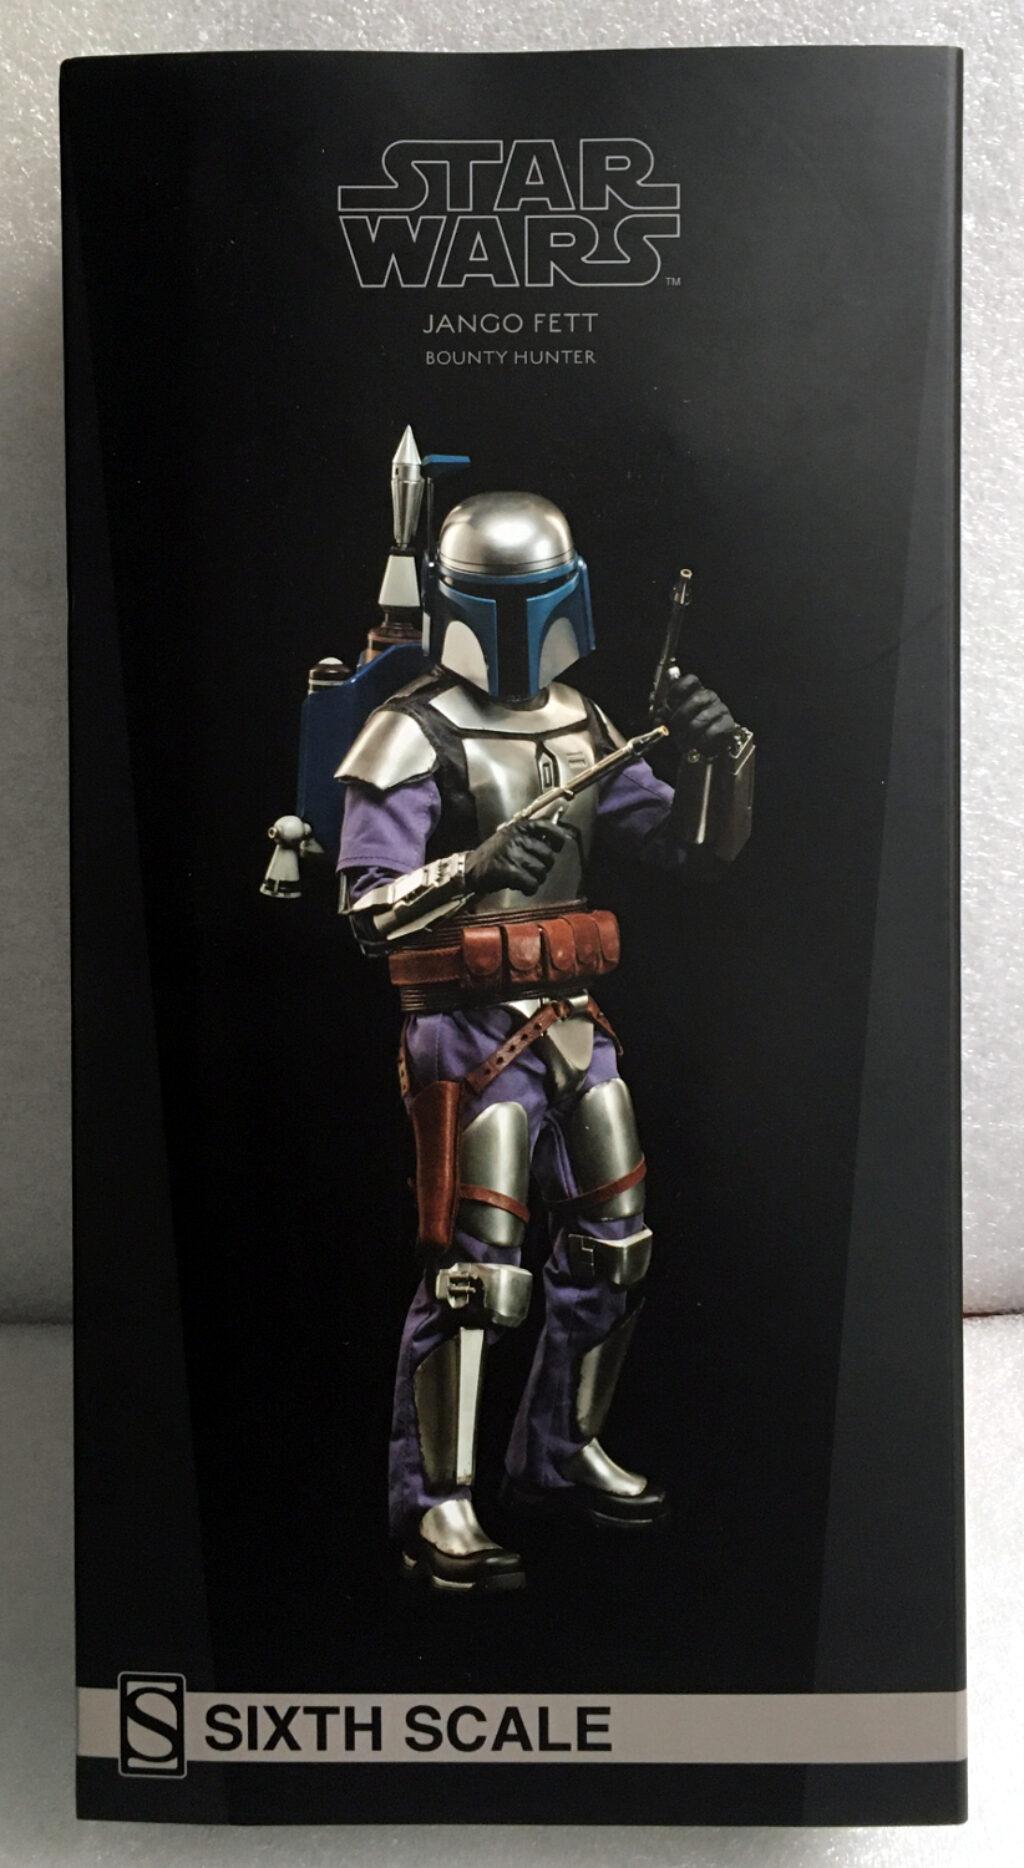 sideshow star wars jango fett 1:6 scale figure 1